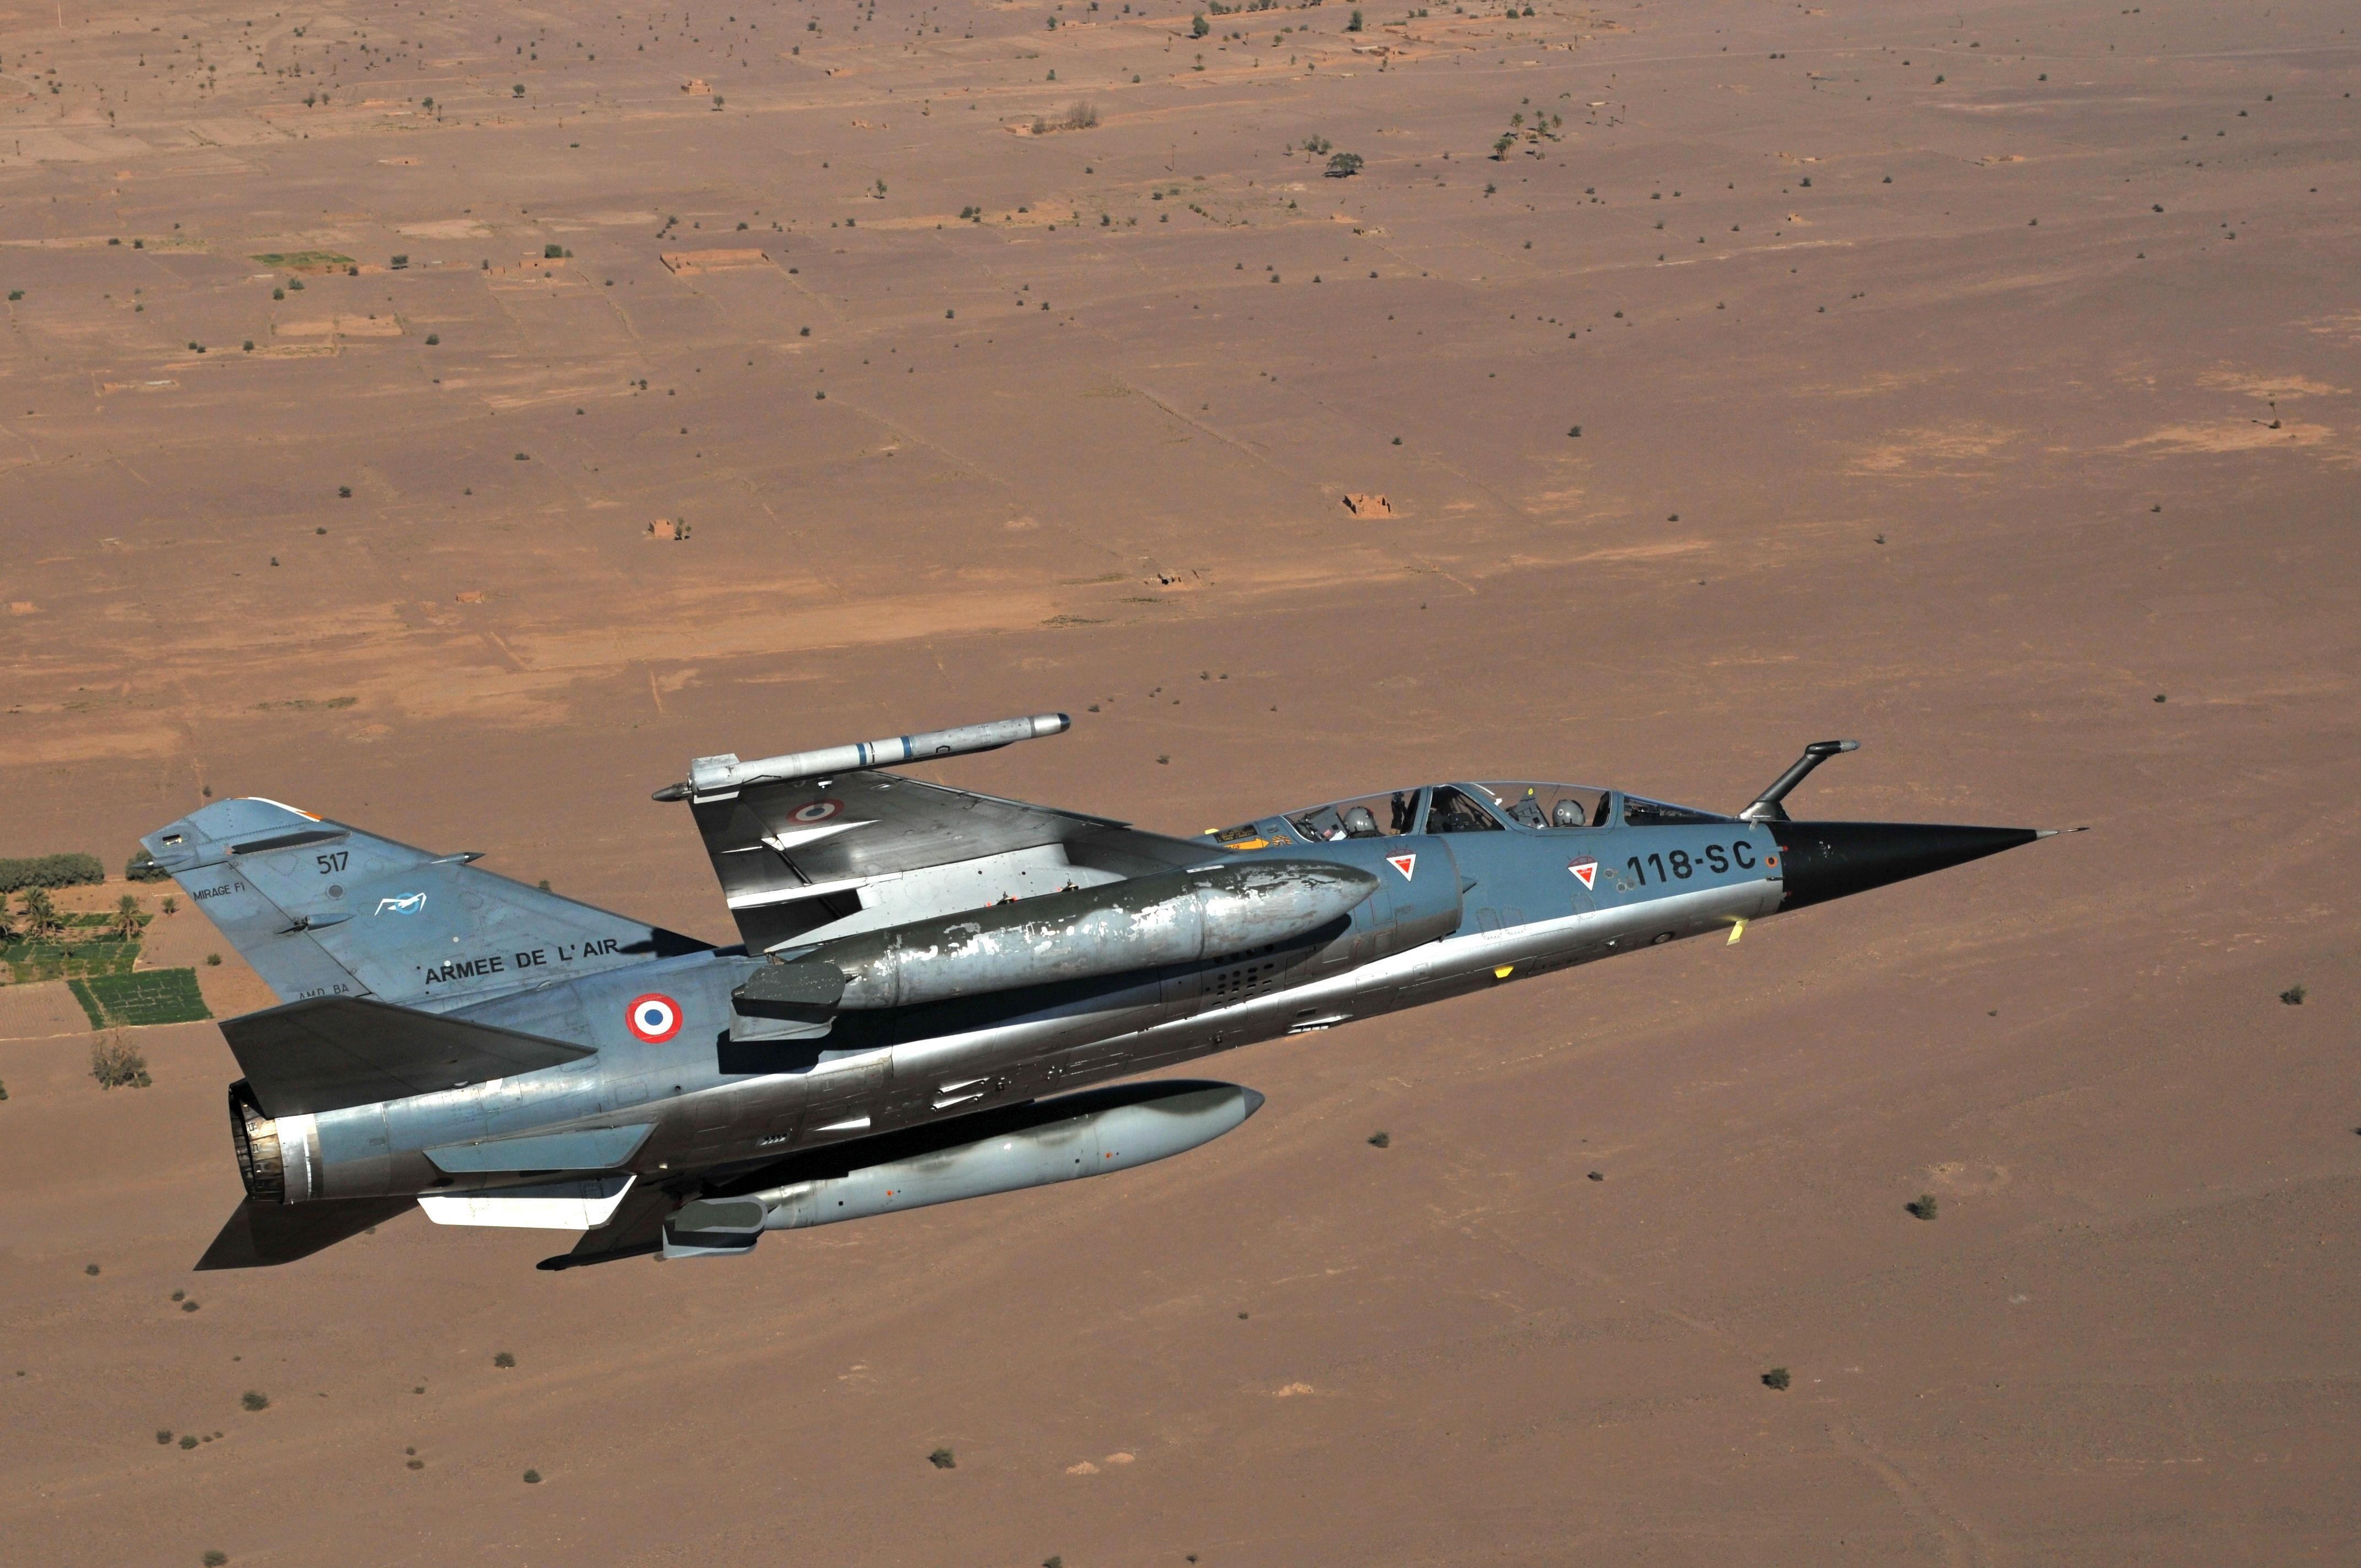 Echange franco-marocain 2012 38855256800_23543164e2_o